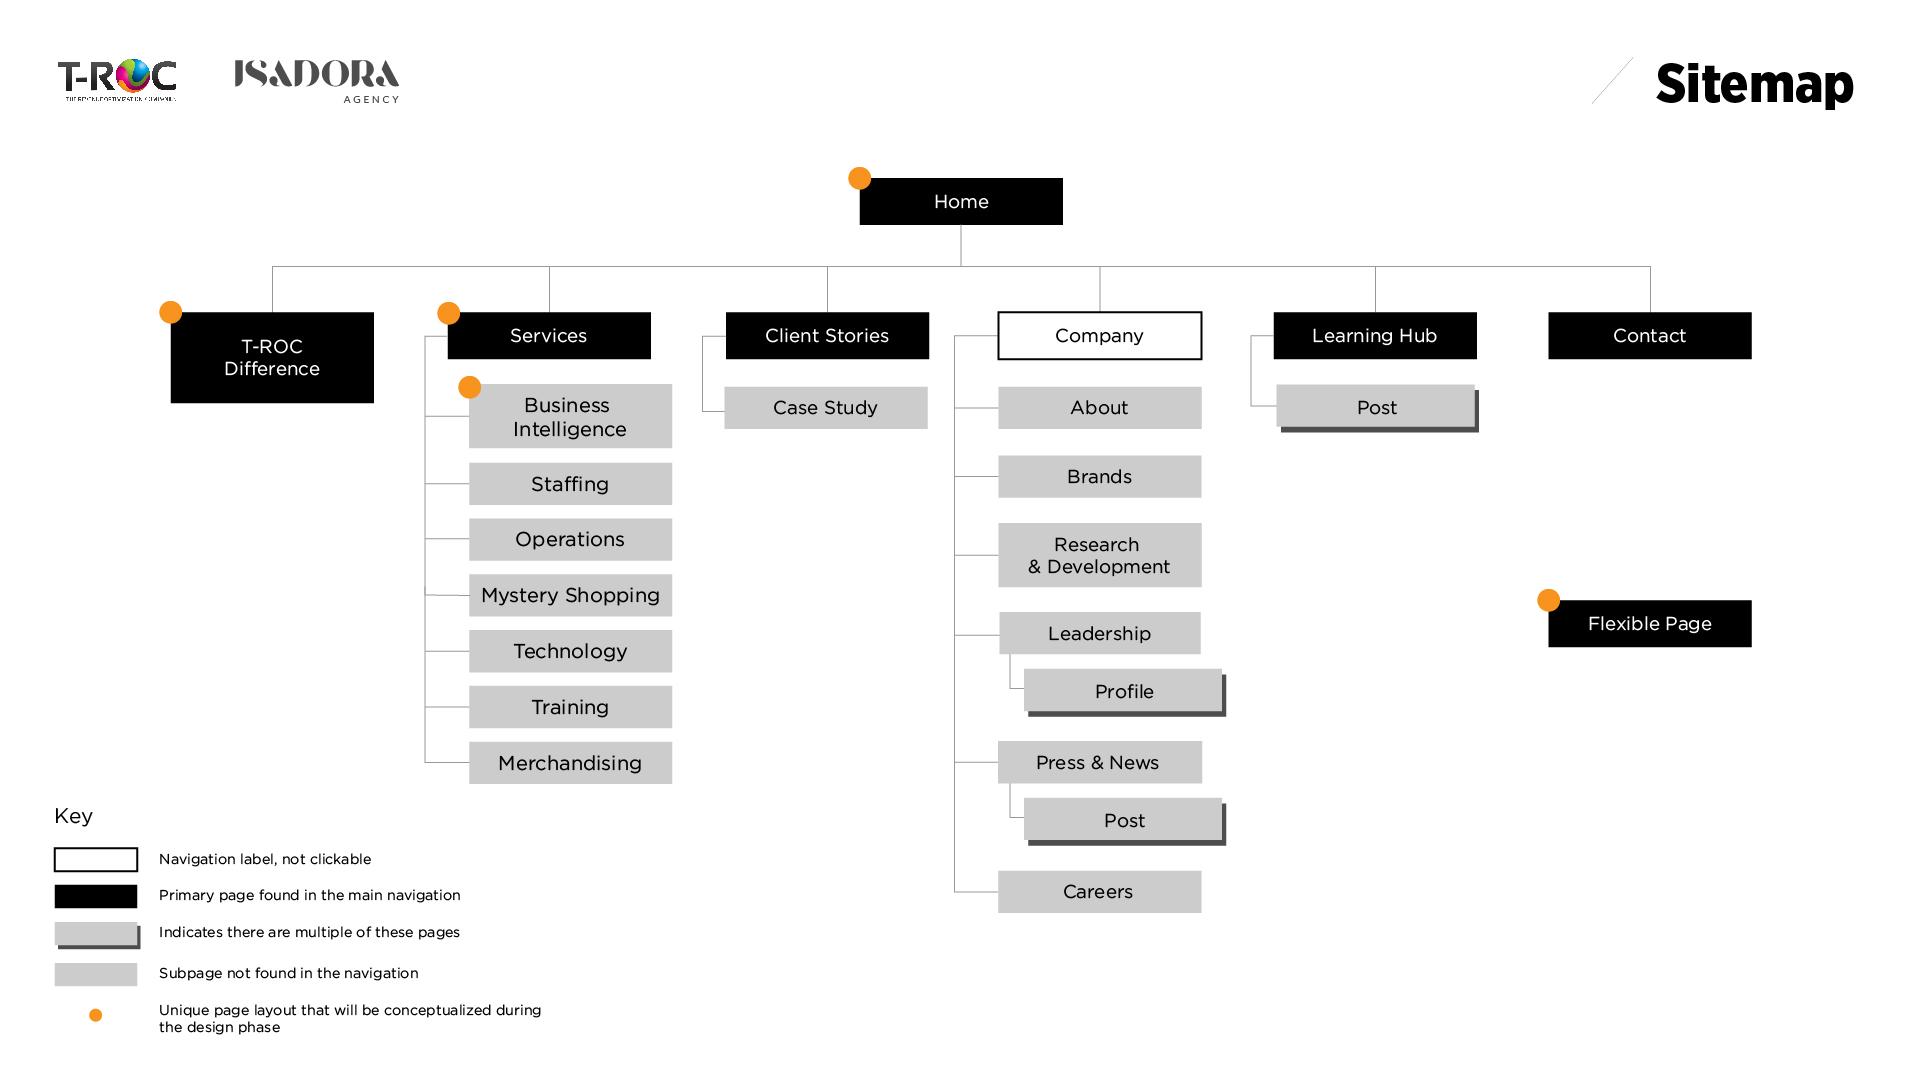 T-ROC_Sitemap.jpg